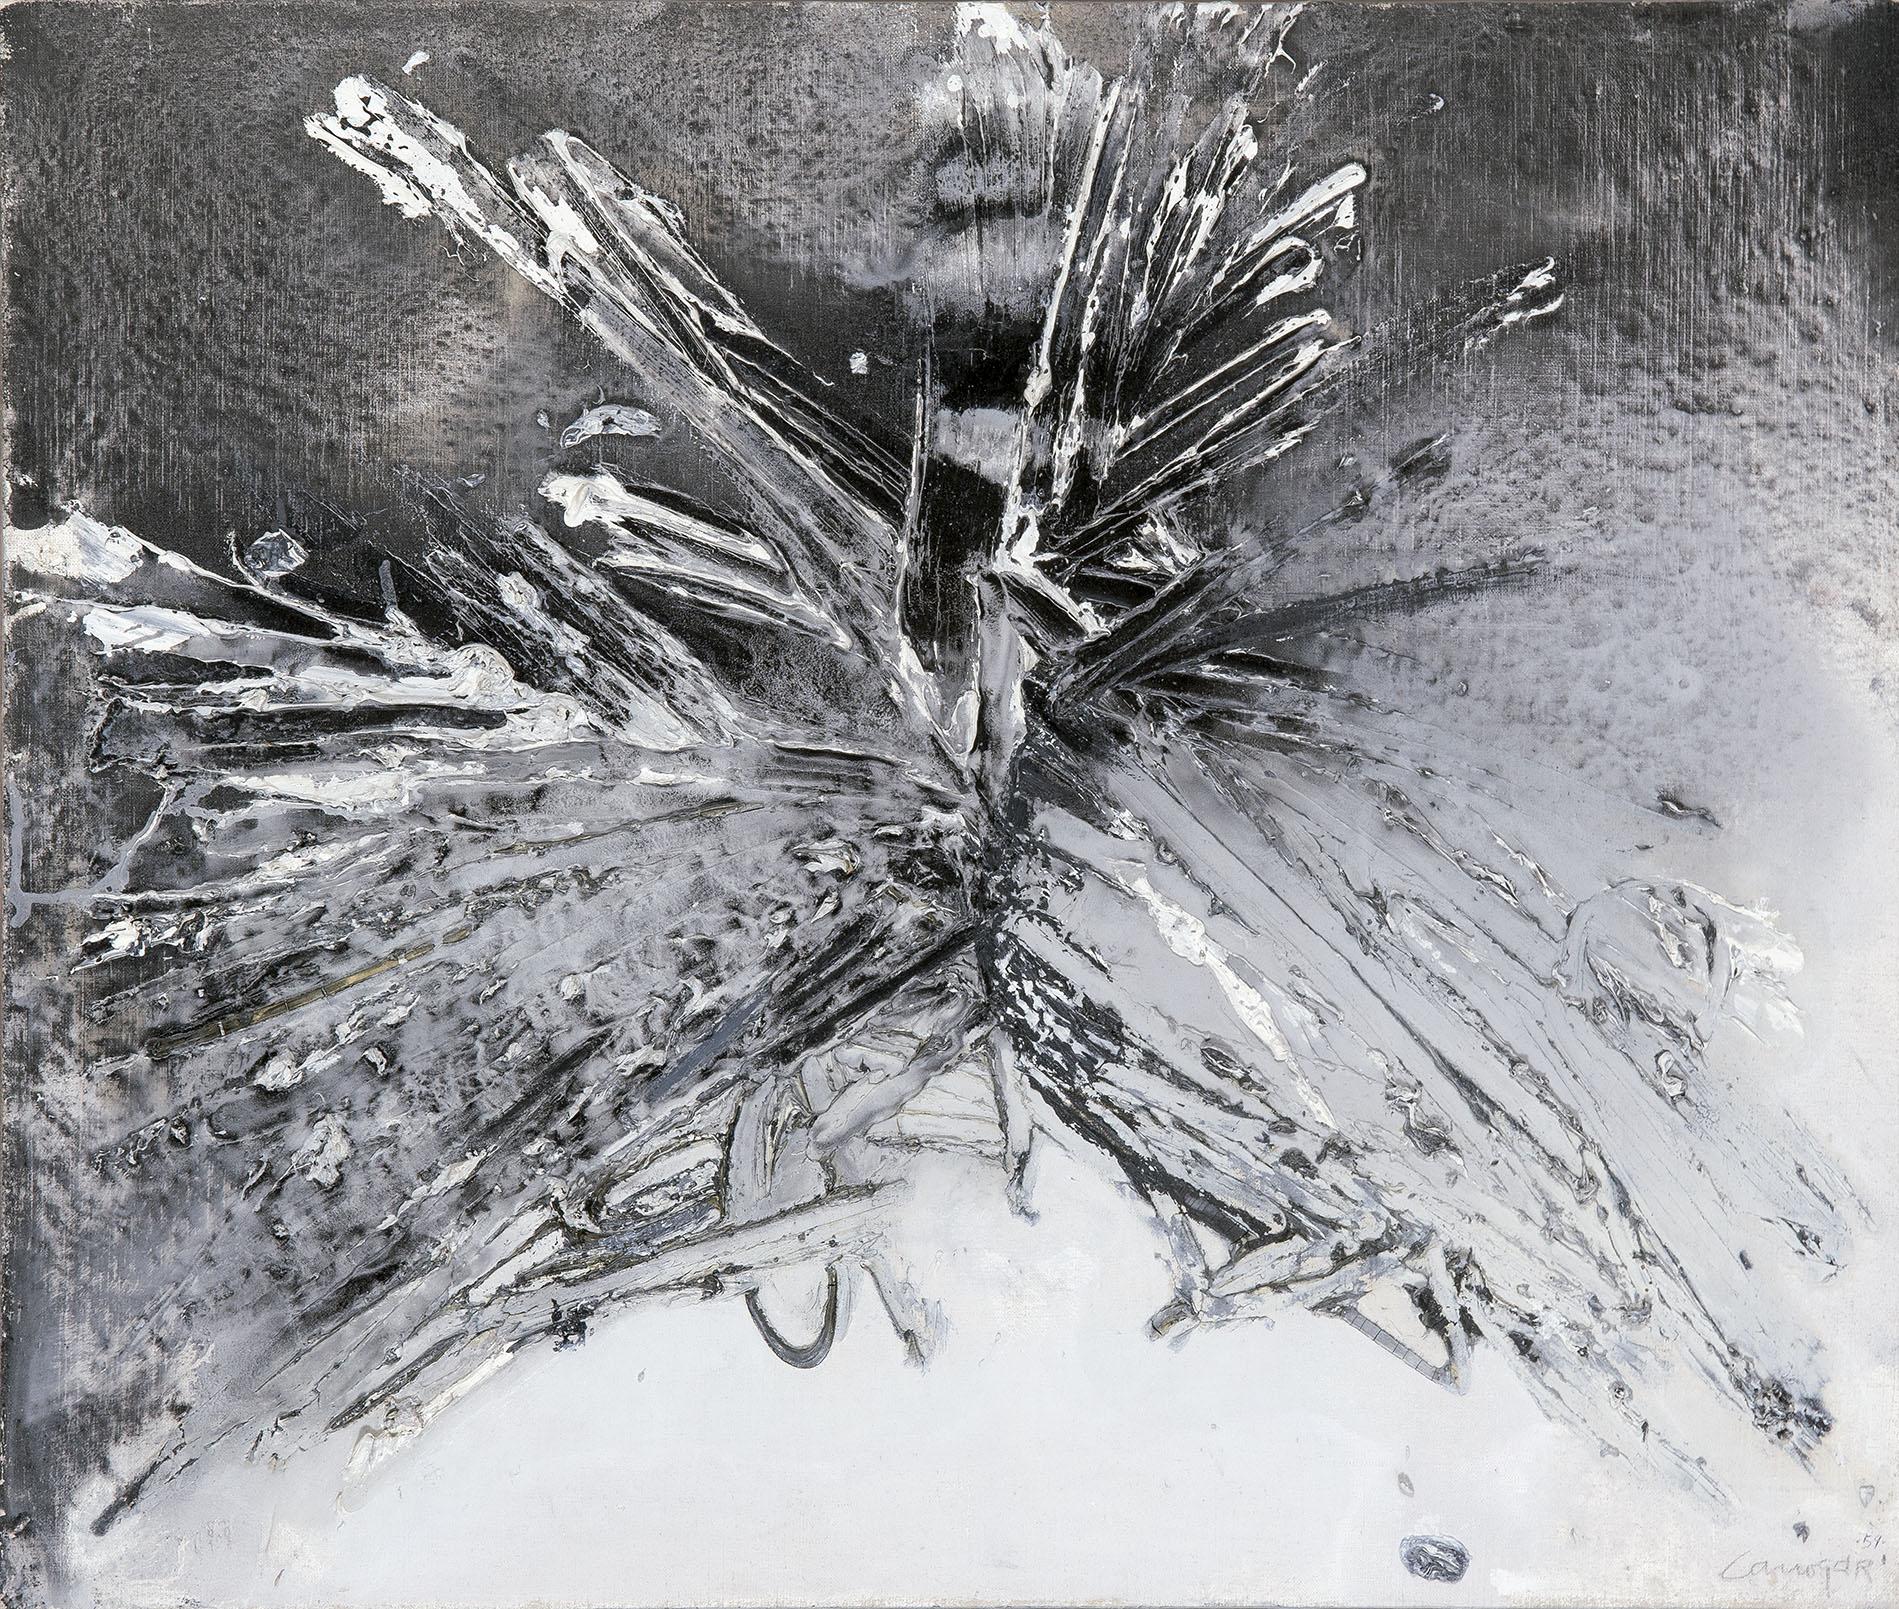 Rafael Canogar. Pintura, 1959. Salida: 15.000 euros. Remate: 20.000 euros